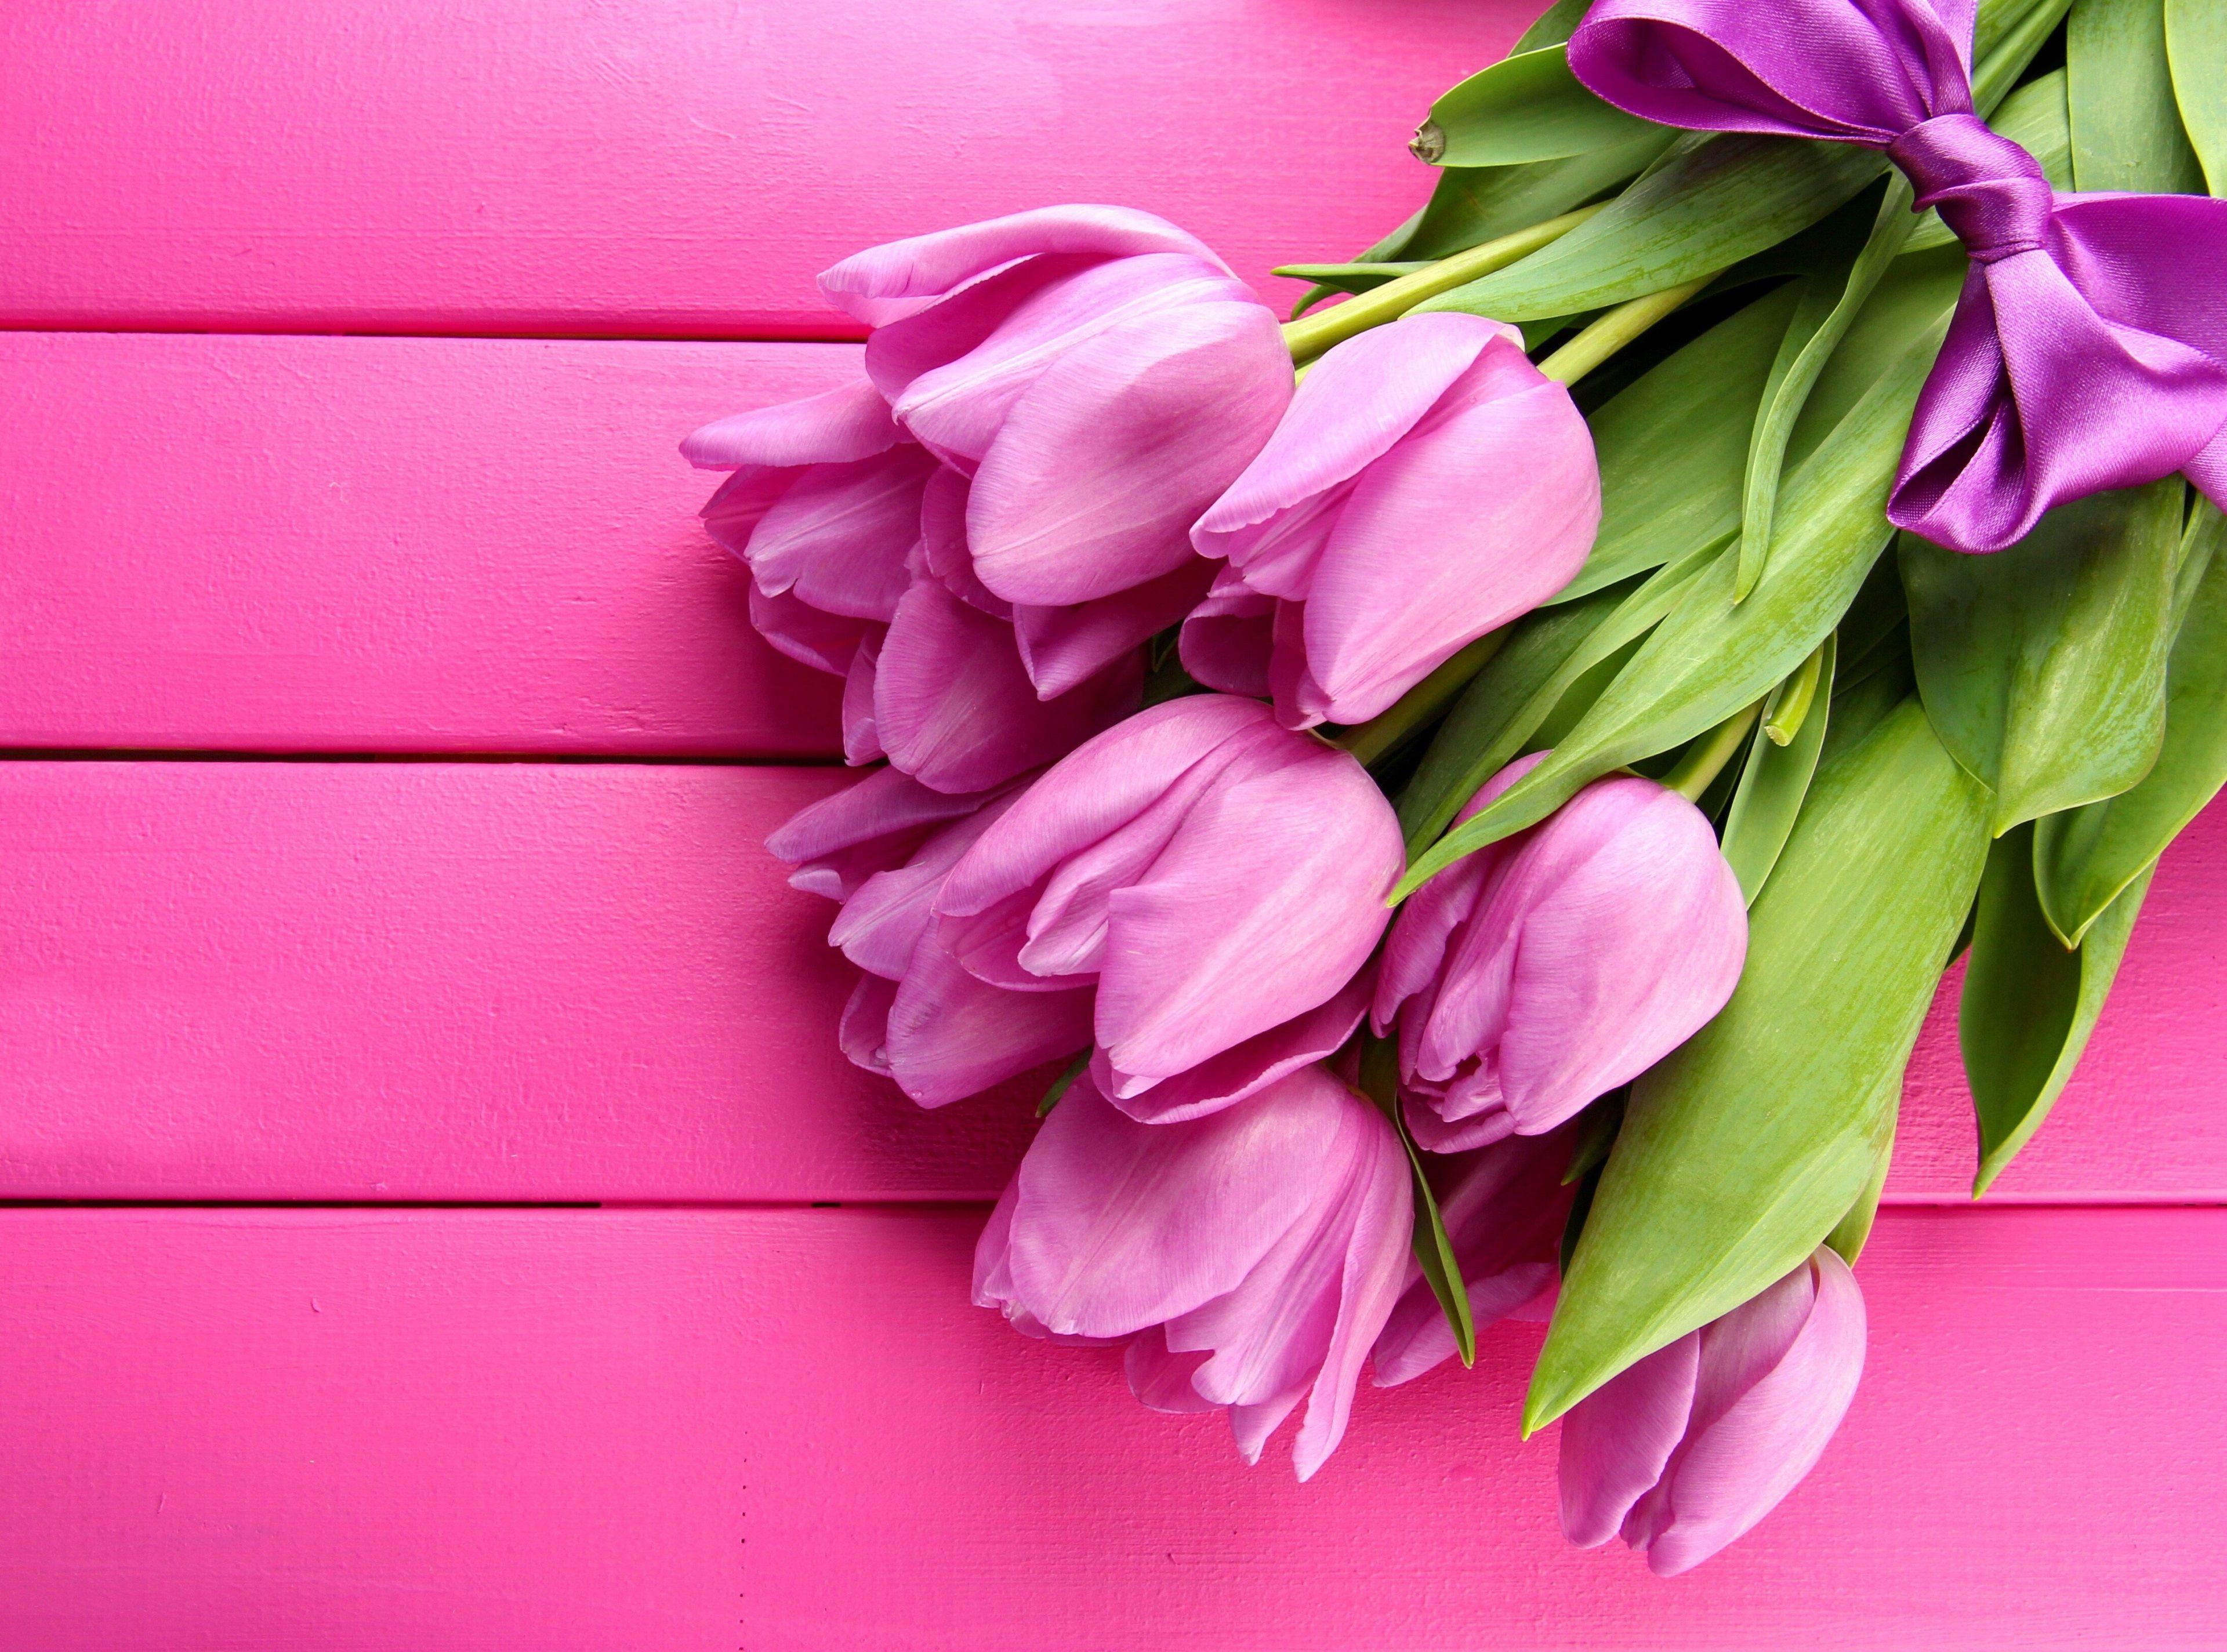 3840x2849 Tulip 4k Hd Wallpaper Image Cvety Fioletovye Tyulpany